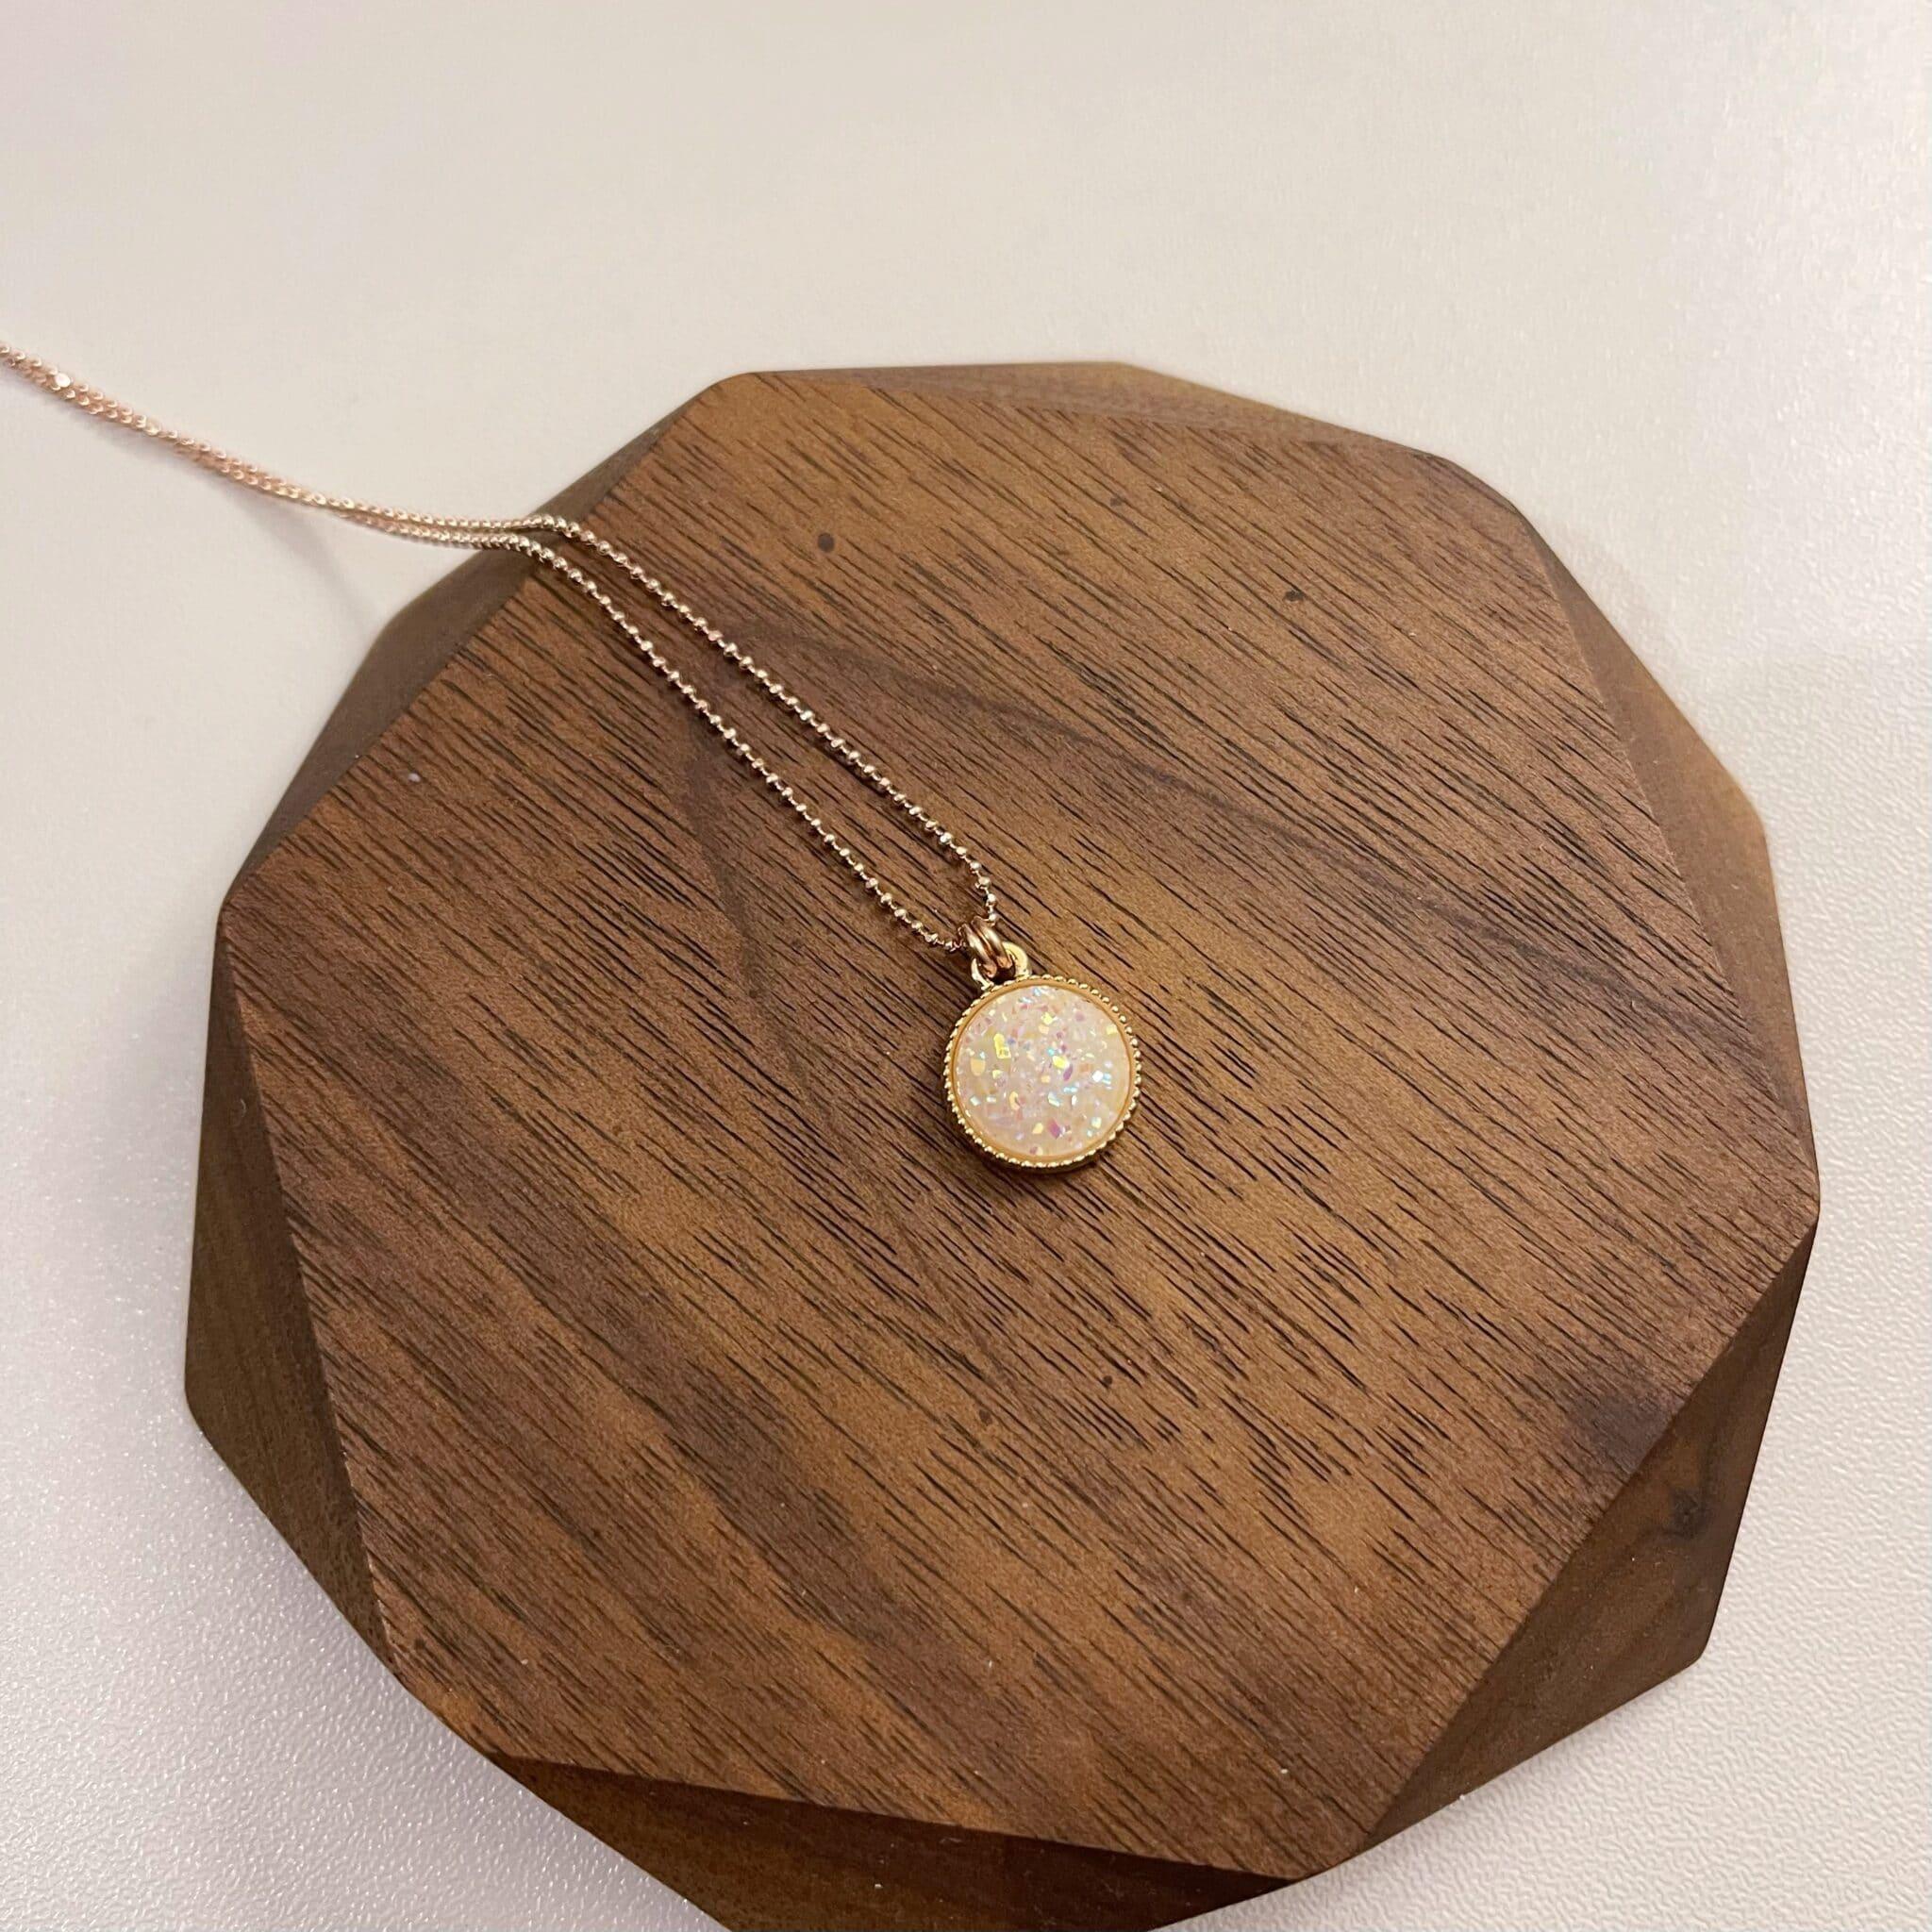 White Titanium Druzy Agate Necklace By Hidden Petals